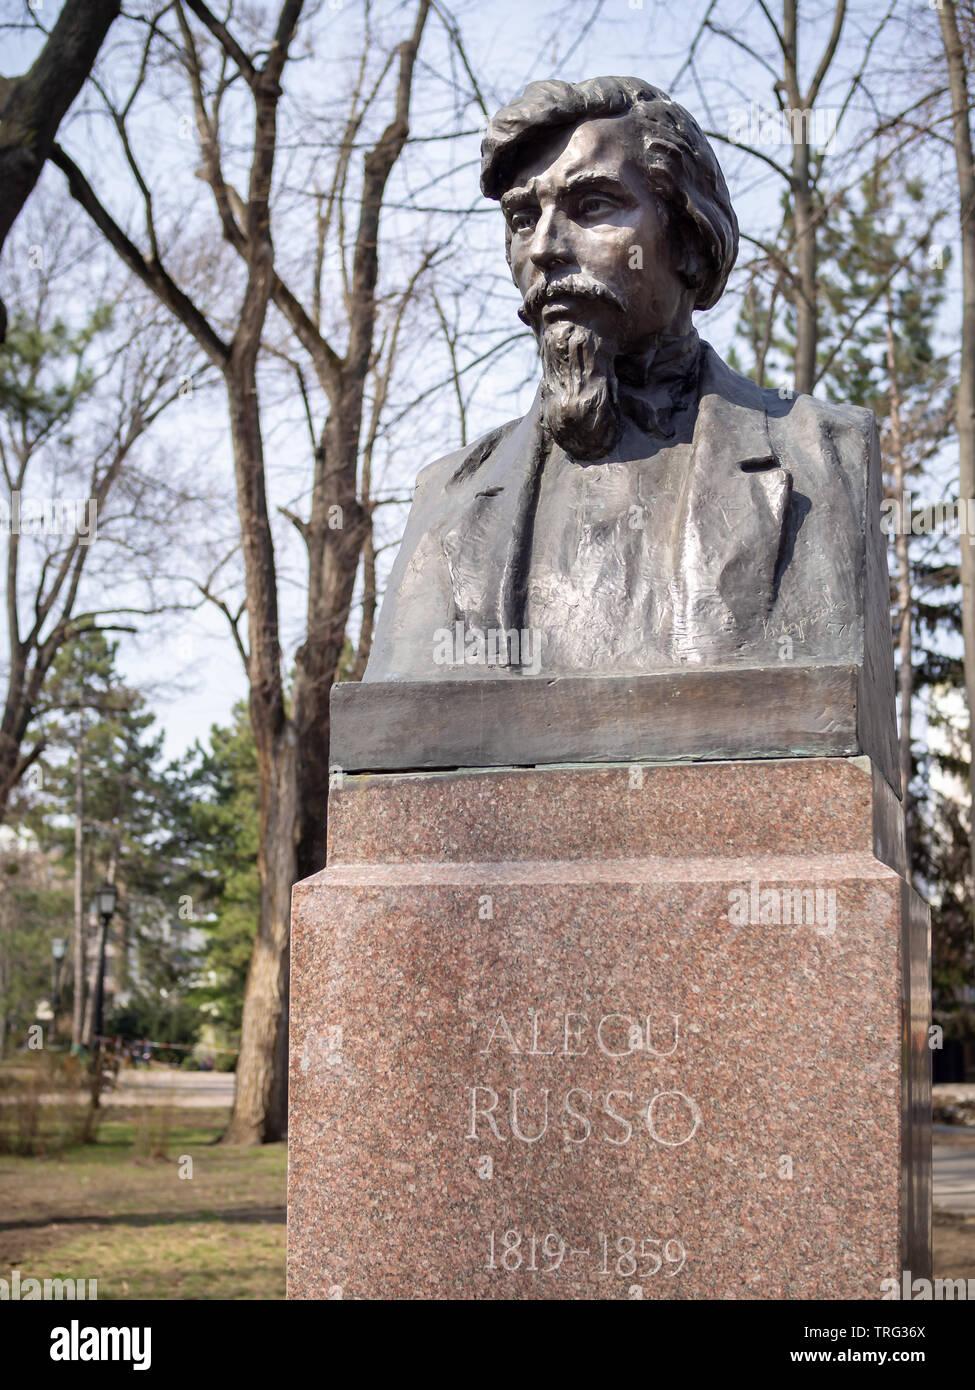 CHISINAU, MOLDOVA-MARCH 21, 2019: Alecu Russo bust by Vasili Larcenko in the Alley of Classics - Stock Image